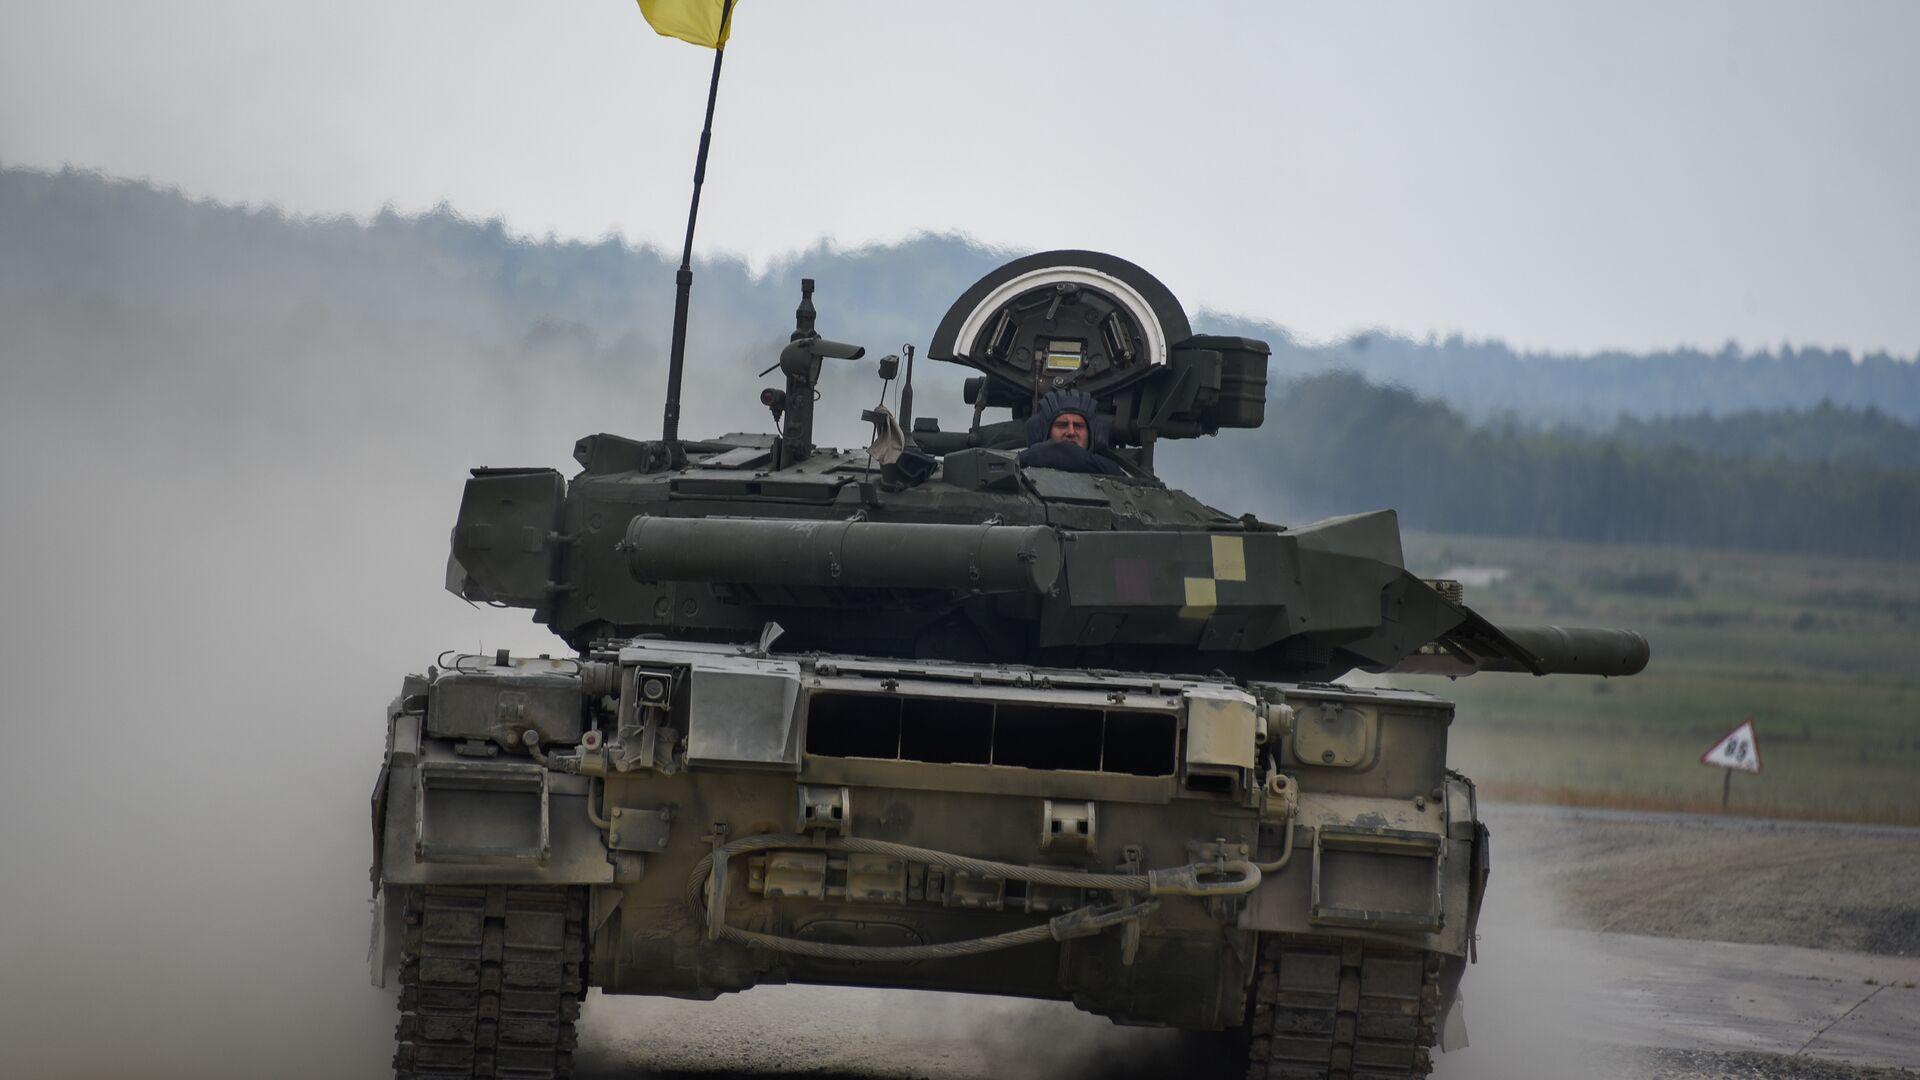 Украинские военные из 14-й волынской механизированной бригады ВСУ на танке Т-84 во время соревнований Strong Europe Tank Challenge в городе Графенвер, Германия. 6 июня 2018 - РИА Новости, 1920, 17.04.2021